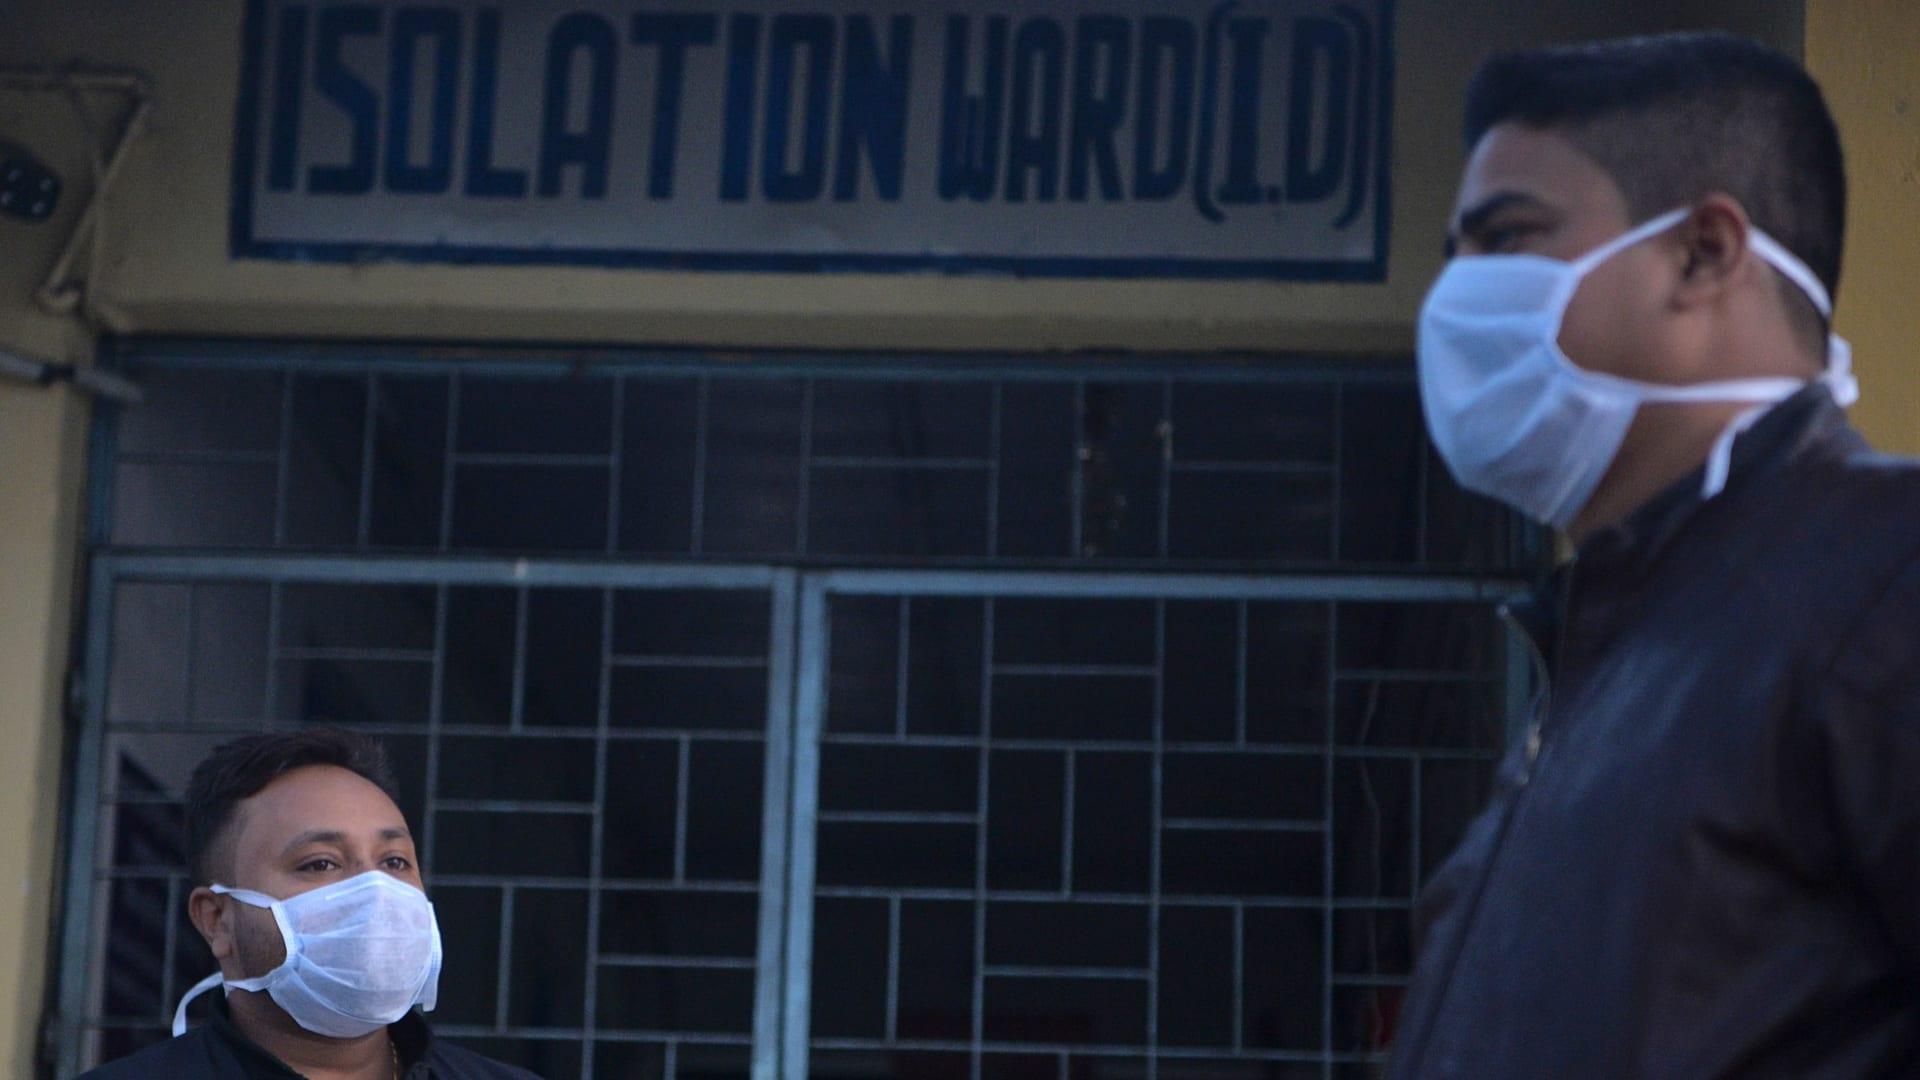 الولايات المتحدة تؤكد الحالة الرابعة للإصابة بفيروس كورونا